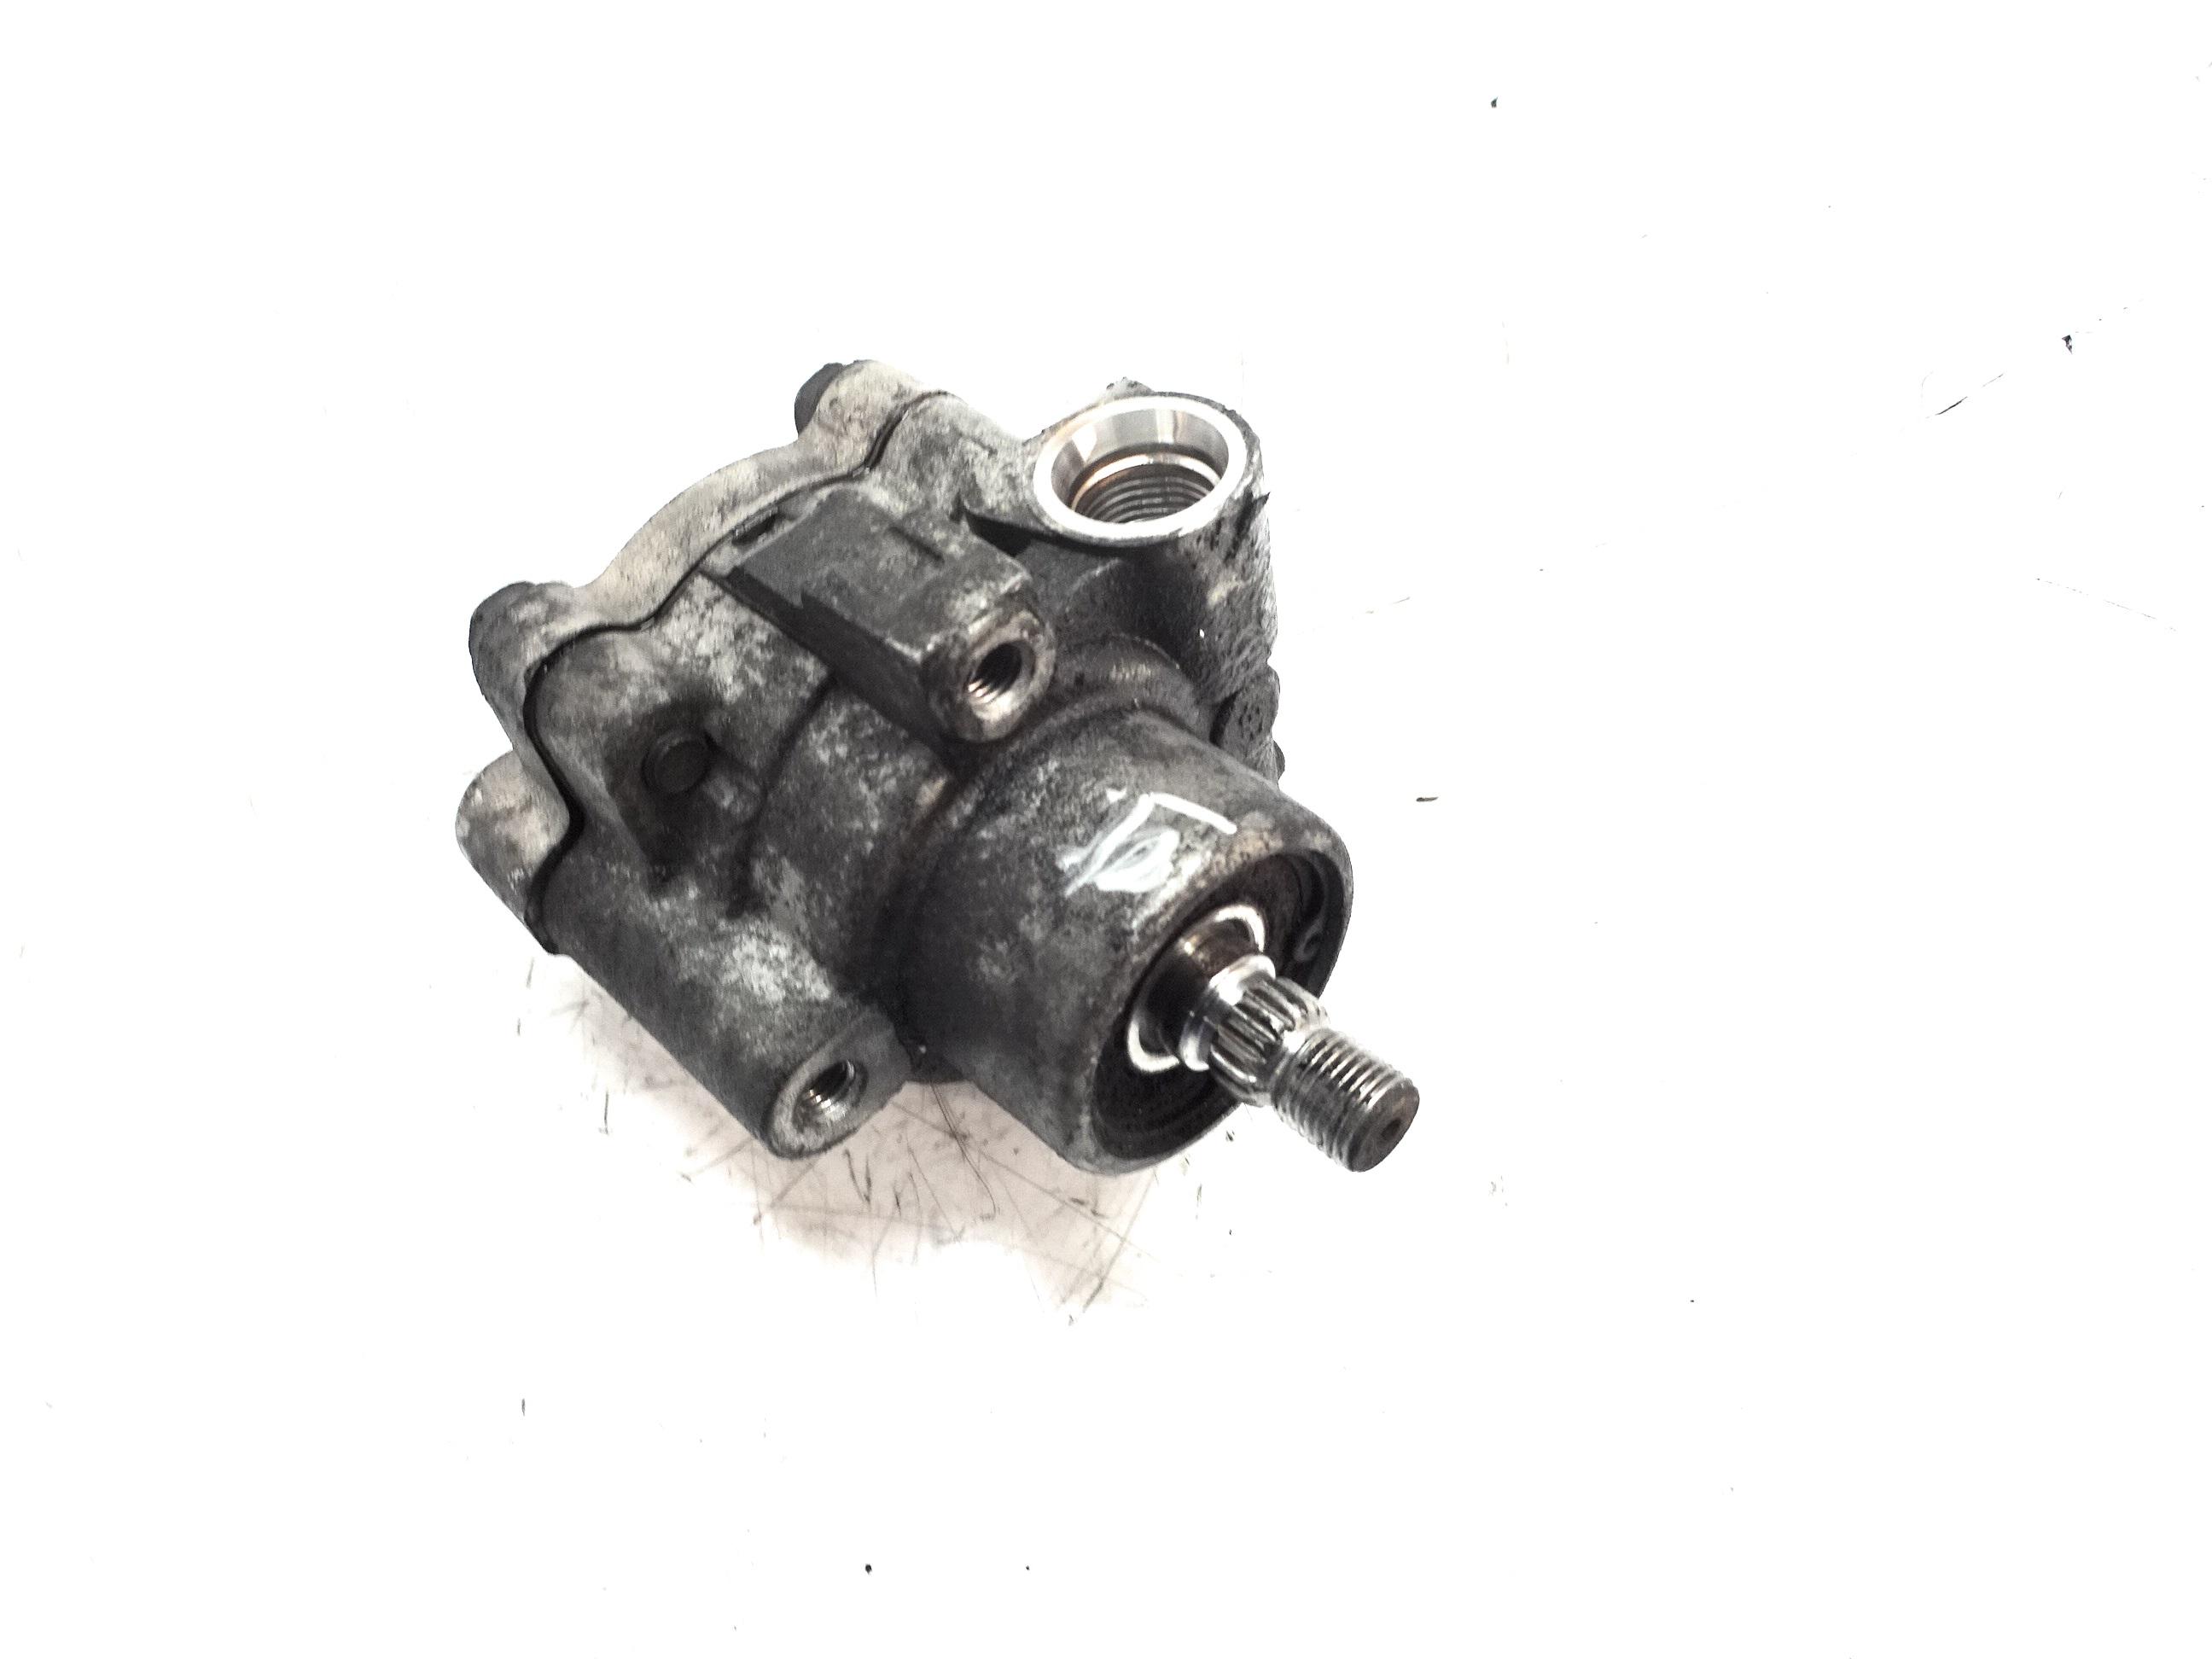 Pompa idroguida Nissan 2,5 dCi YD25DDTI YD25